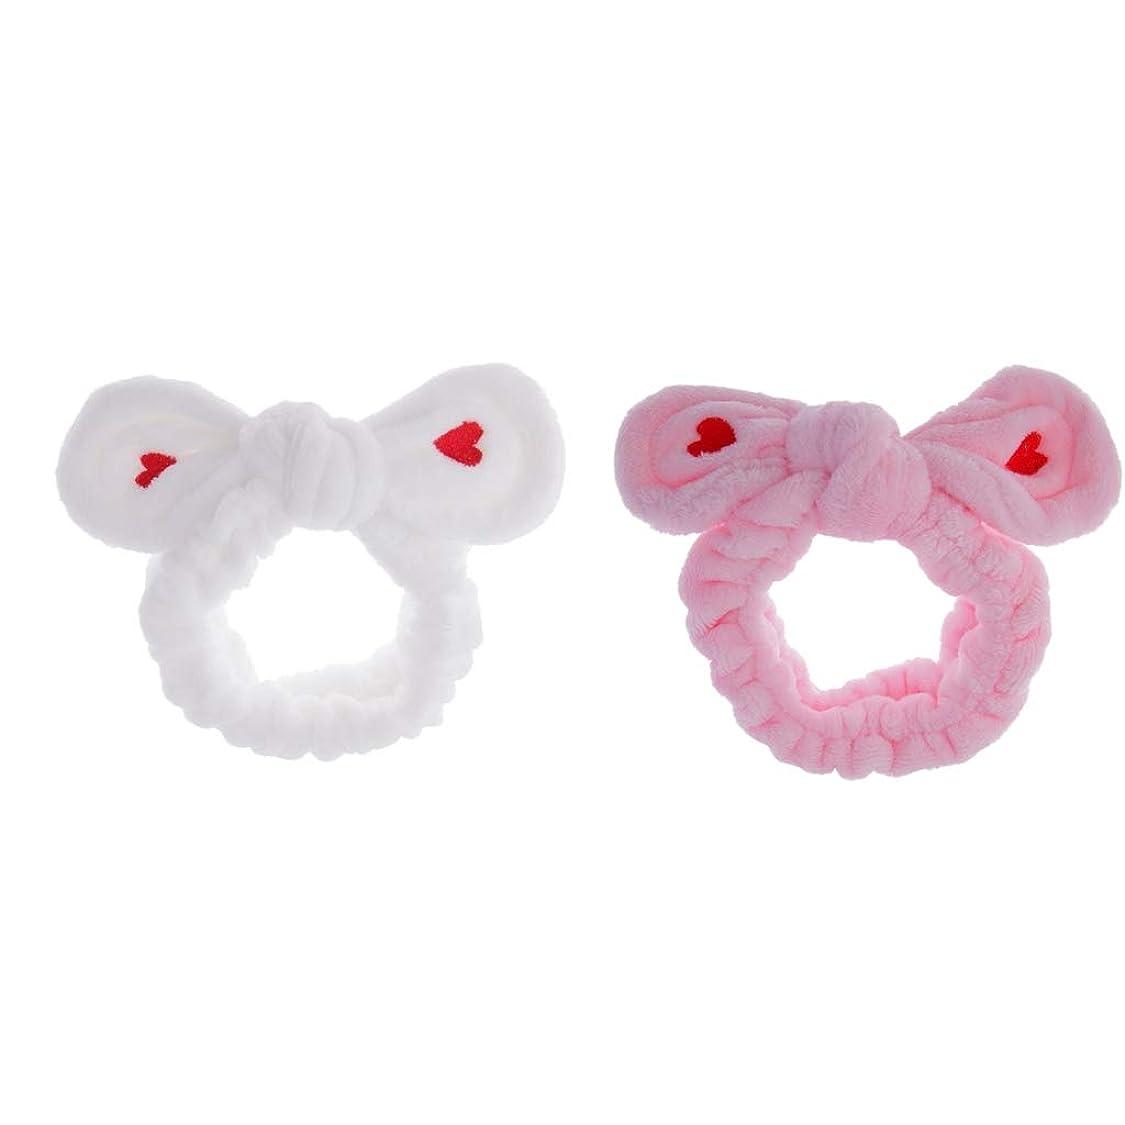 解釈的おもちゃ売上高CUTICATE ヘアバンド ウサギの耳 洗顔用ヘッドバンド 髪饰り お風呂 化粧 汎用 全4選択 - ピンク+白